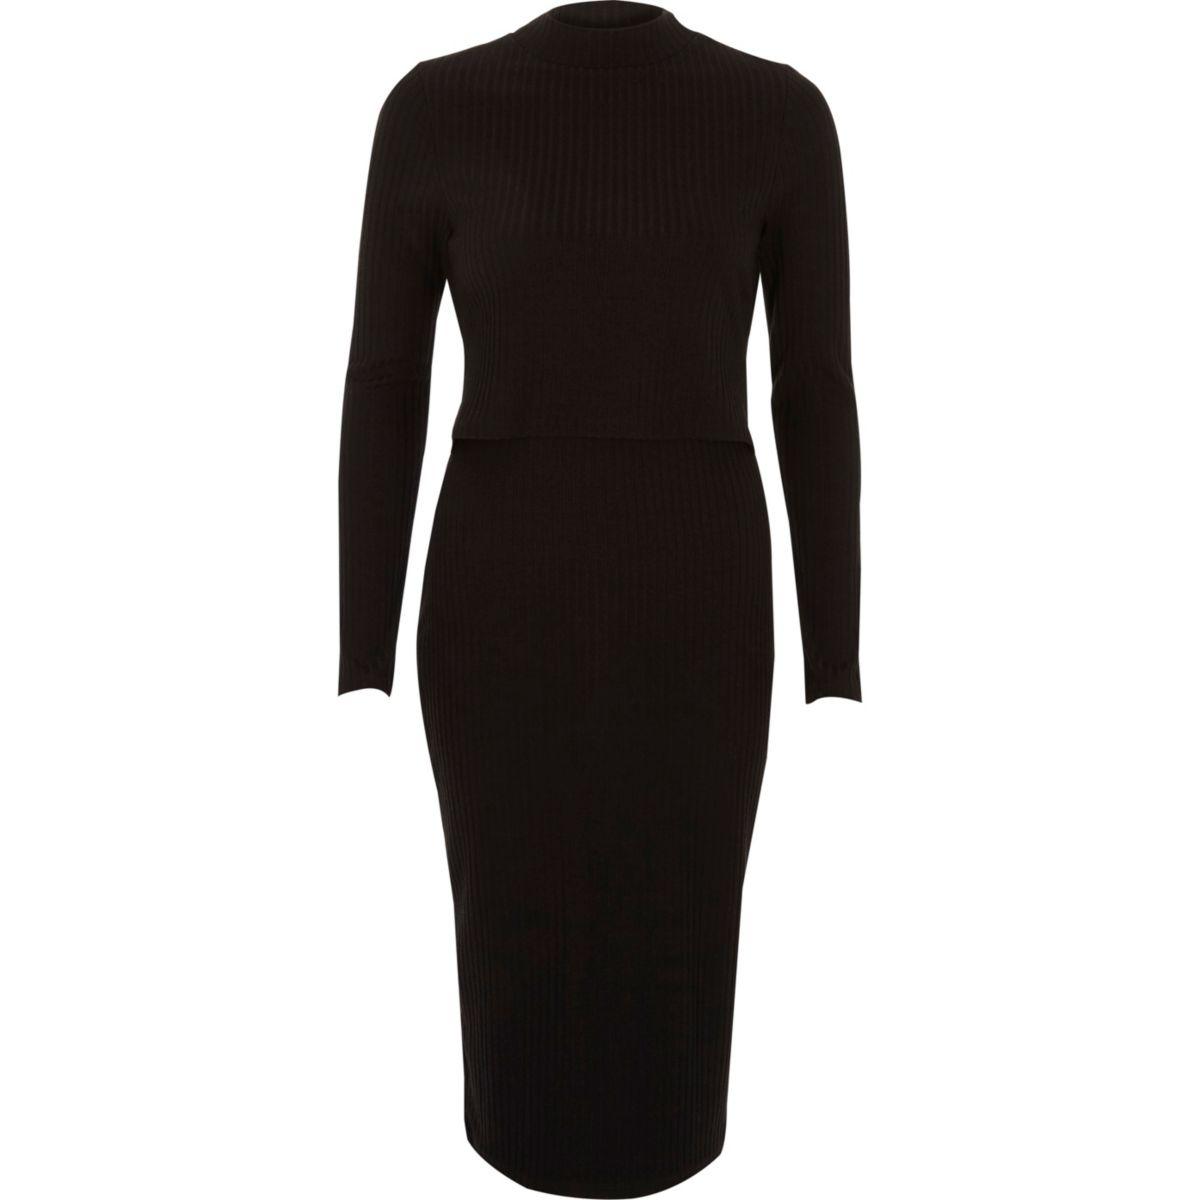 Robe mi-longue noire côtelée double épaisseur à découpes dans le dos